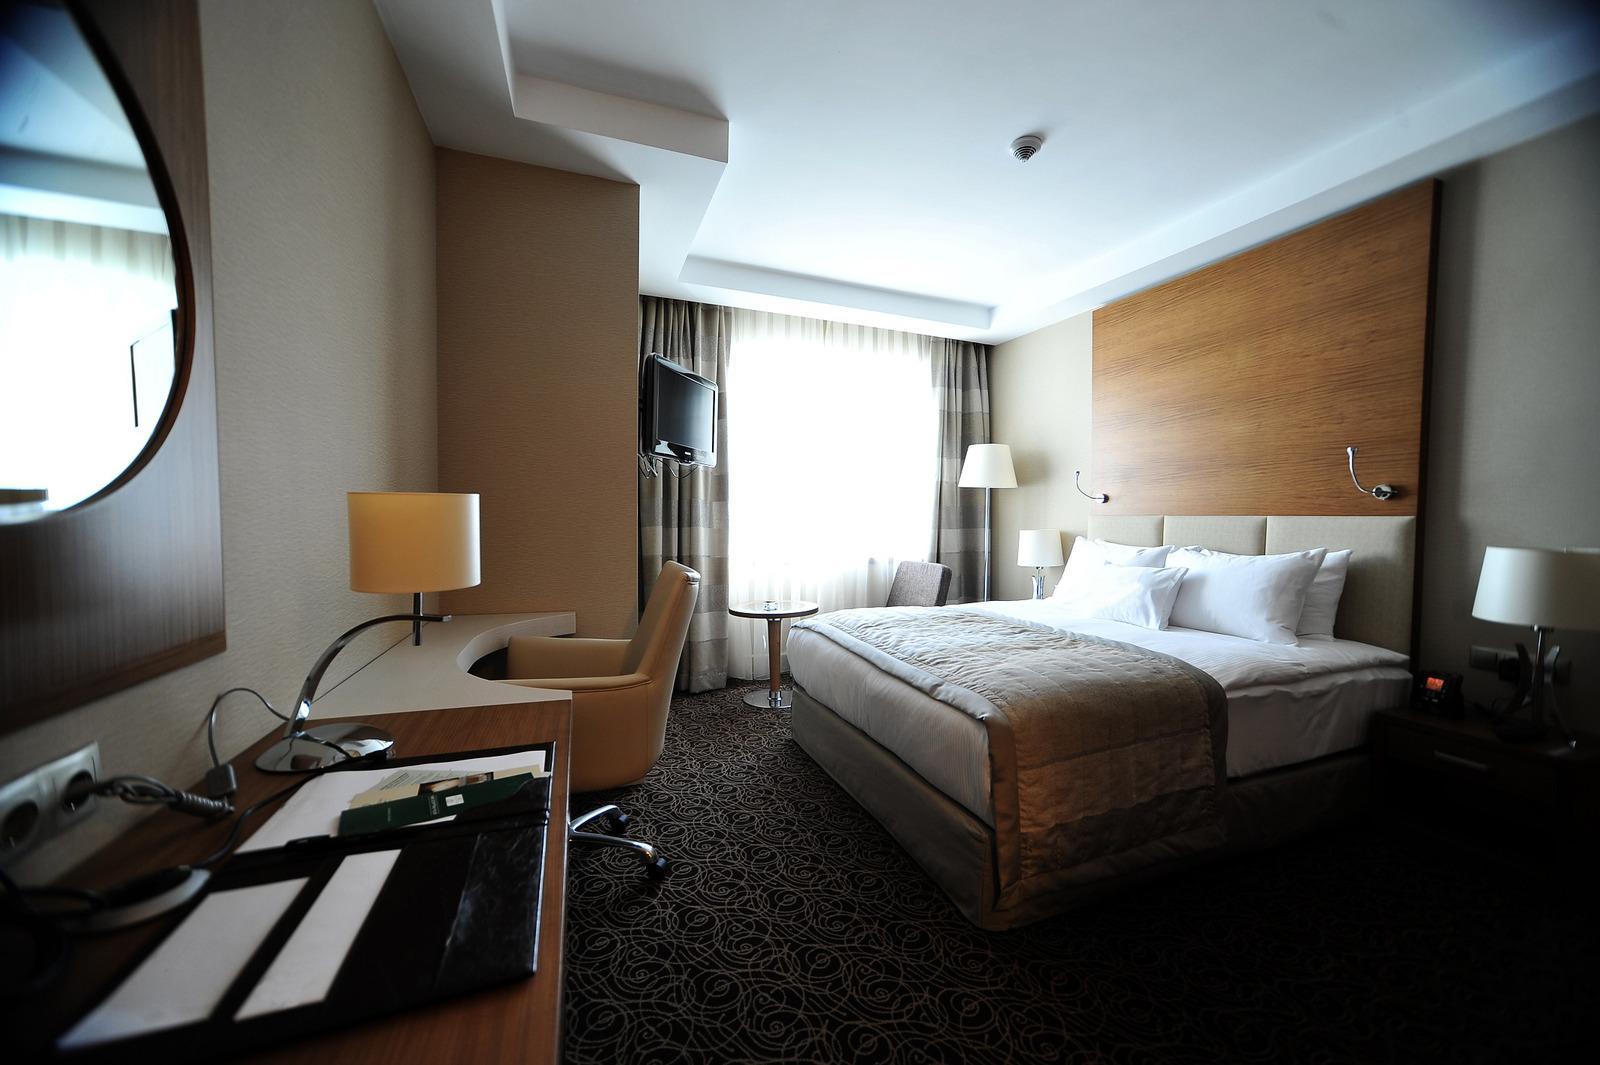 背景墙 房间 家居 酒店 起居室 设计 卧室 卧室装修 现代 装修 1600